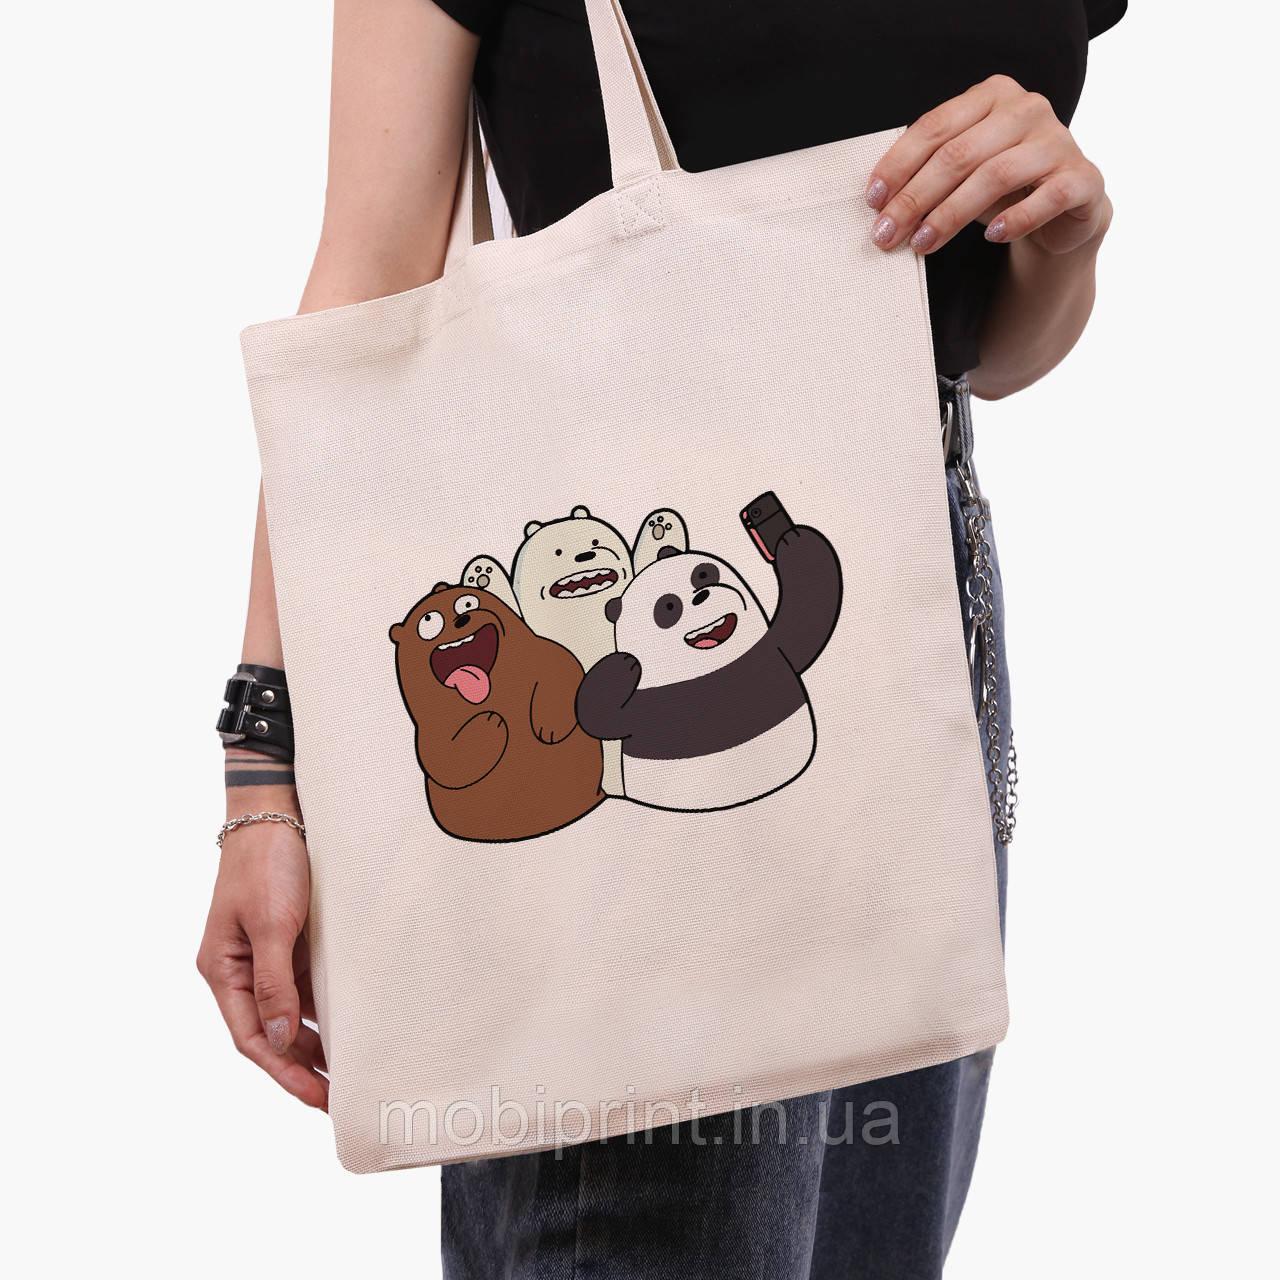 Еко сумка шоппер Вся правда про ведмедів (We Bare Bears) (9227-2665) 41*35 см